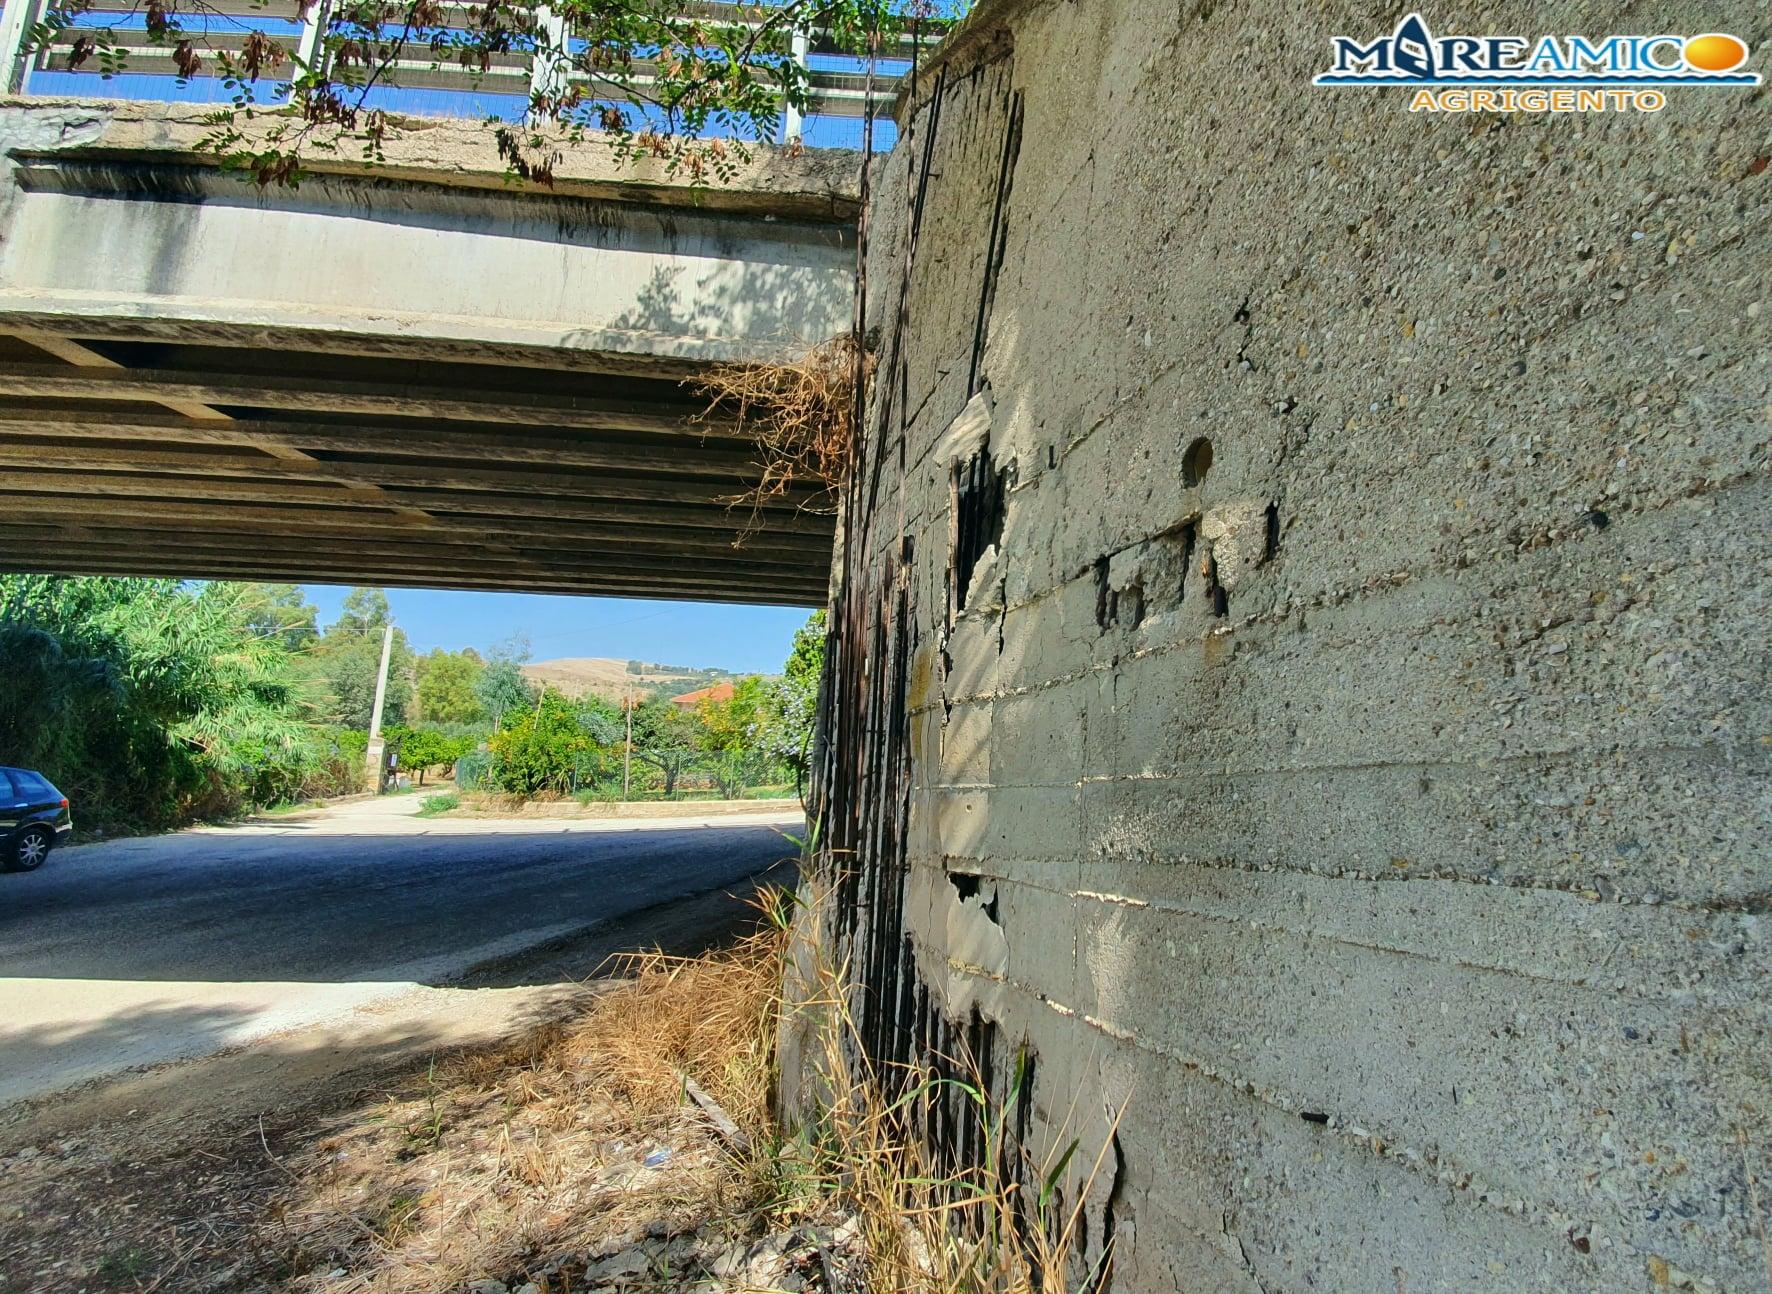 """Infrastrutture in Sicilia: scoperto nuovo """"ponte malato"""", la denuncia di Mareamico – FOTO"""